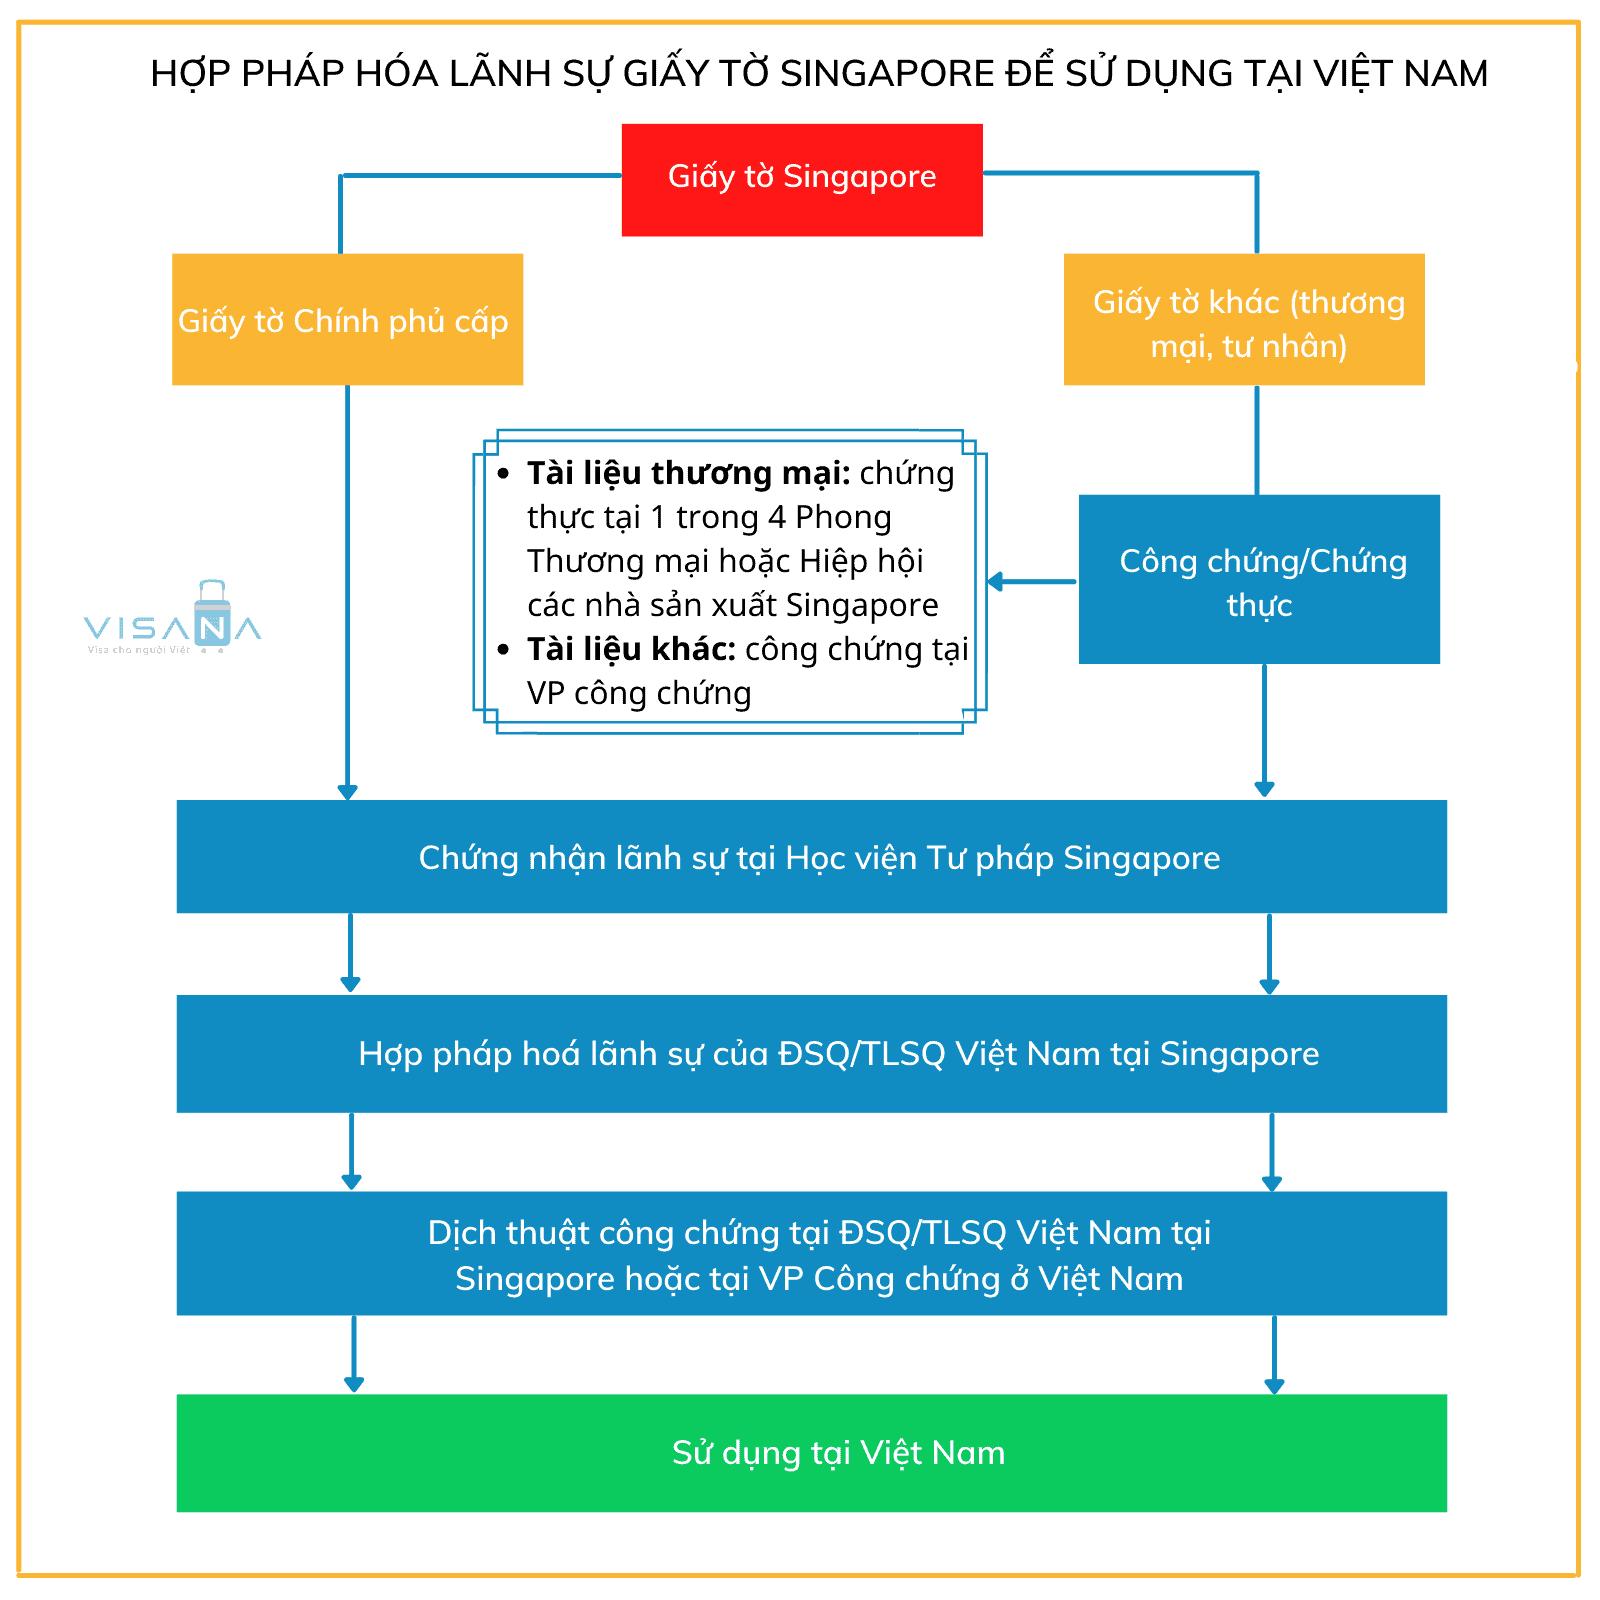 Hợp pháp hóa lãnh sự Singapore sử dụng tại Việt Nam